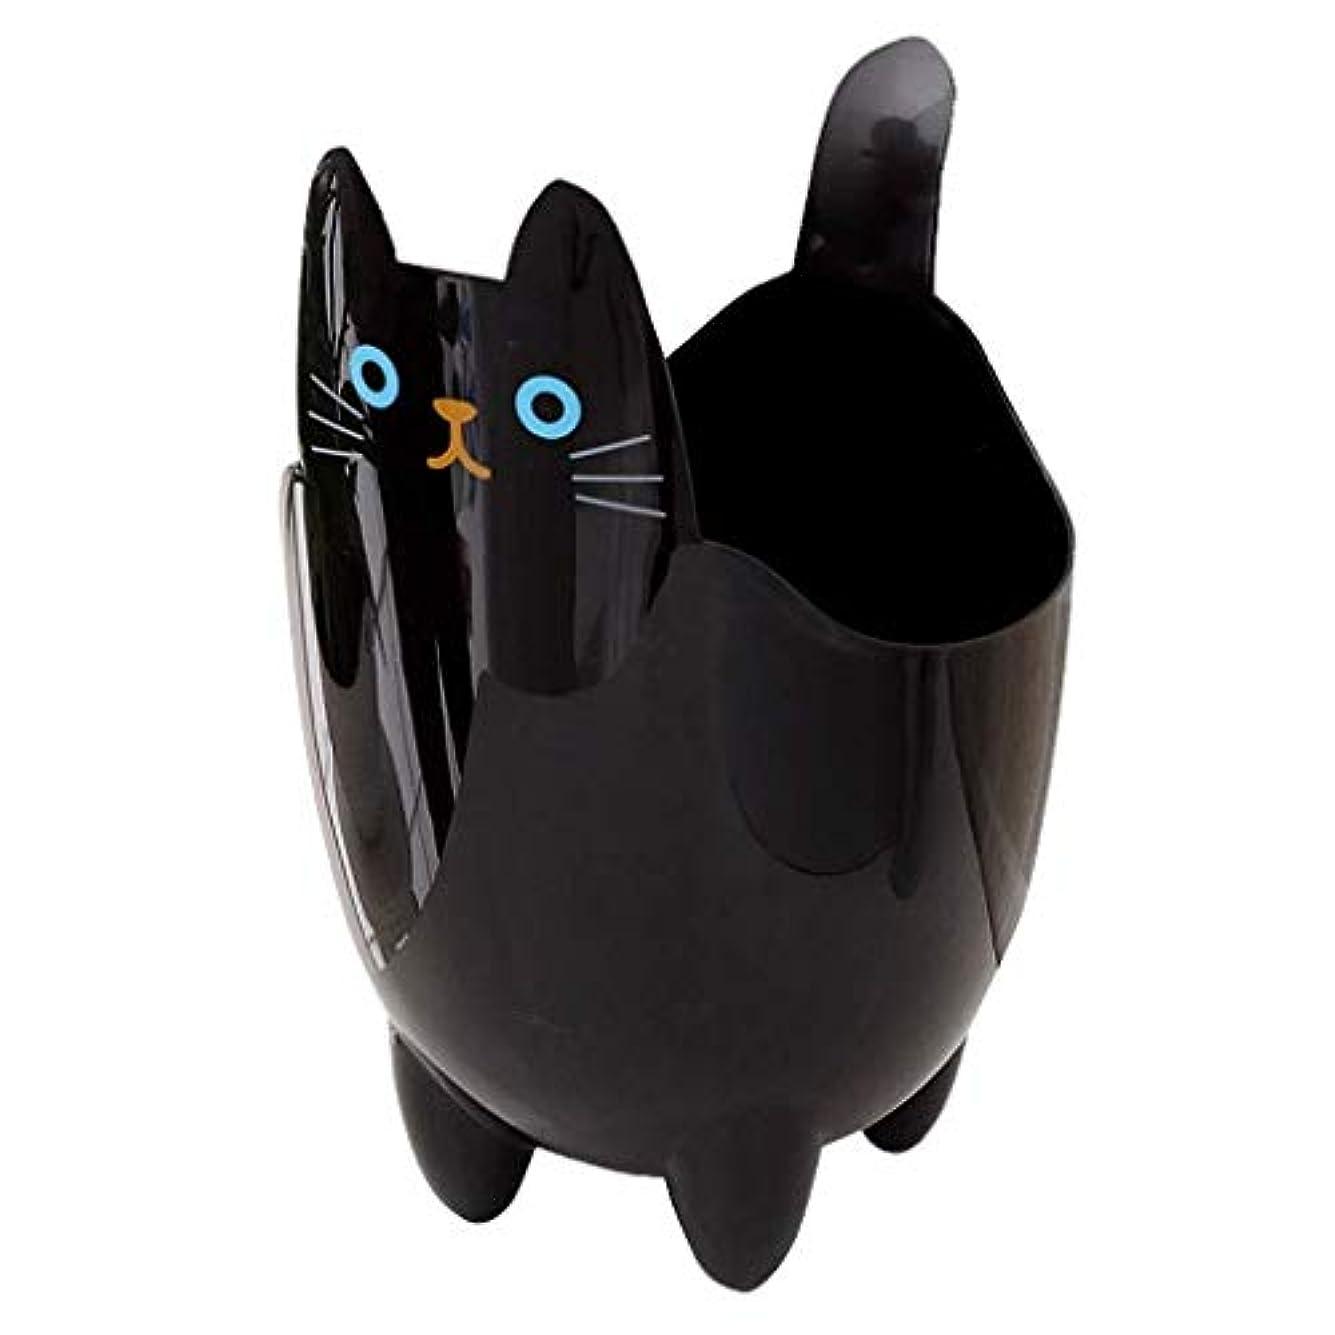 方法中にノベルティオフィスの浴室の居間のための創造的な収納収納バケツかわいい猫のゴミ箱 (Color : Black)